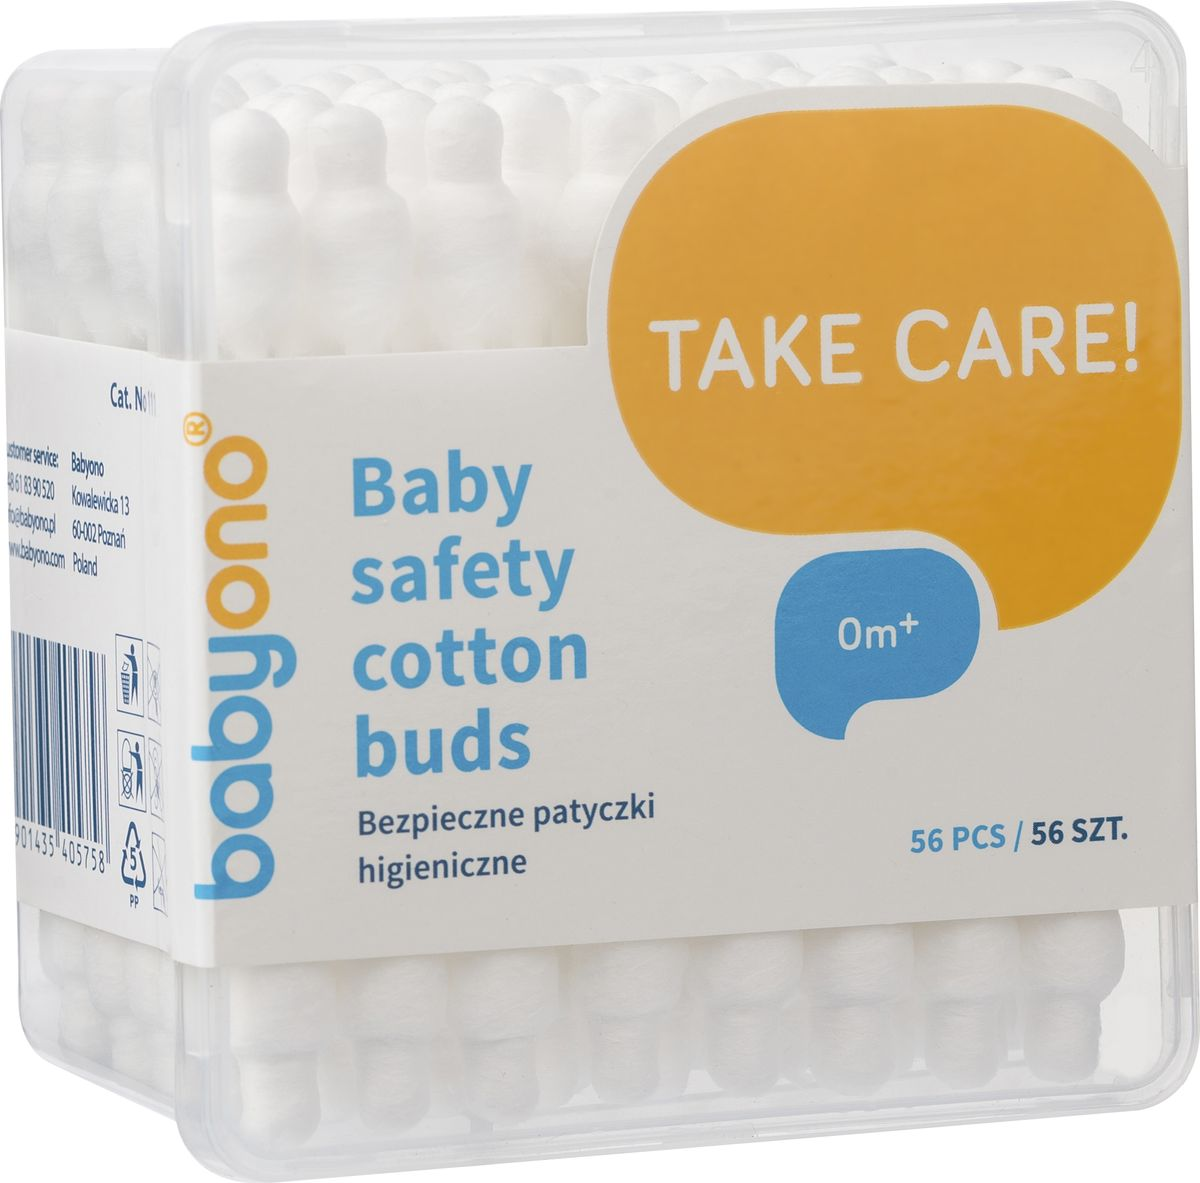 BabyOno Ватные палочки с ограничителем 56 шт140814757_голубой,словаДетские ватные палочки от BabyOno идеально подходят для гигиены вашего малыша. Каждая палочка имеет ограничитель, для дополнительной безопасности при использовании, плотную намотку, которая изготовлена изнатурального хлопка. Подходят для использования спервых дней жизни.